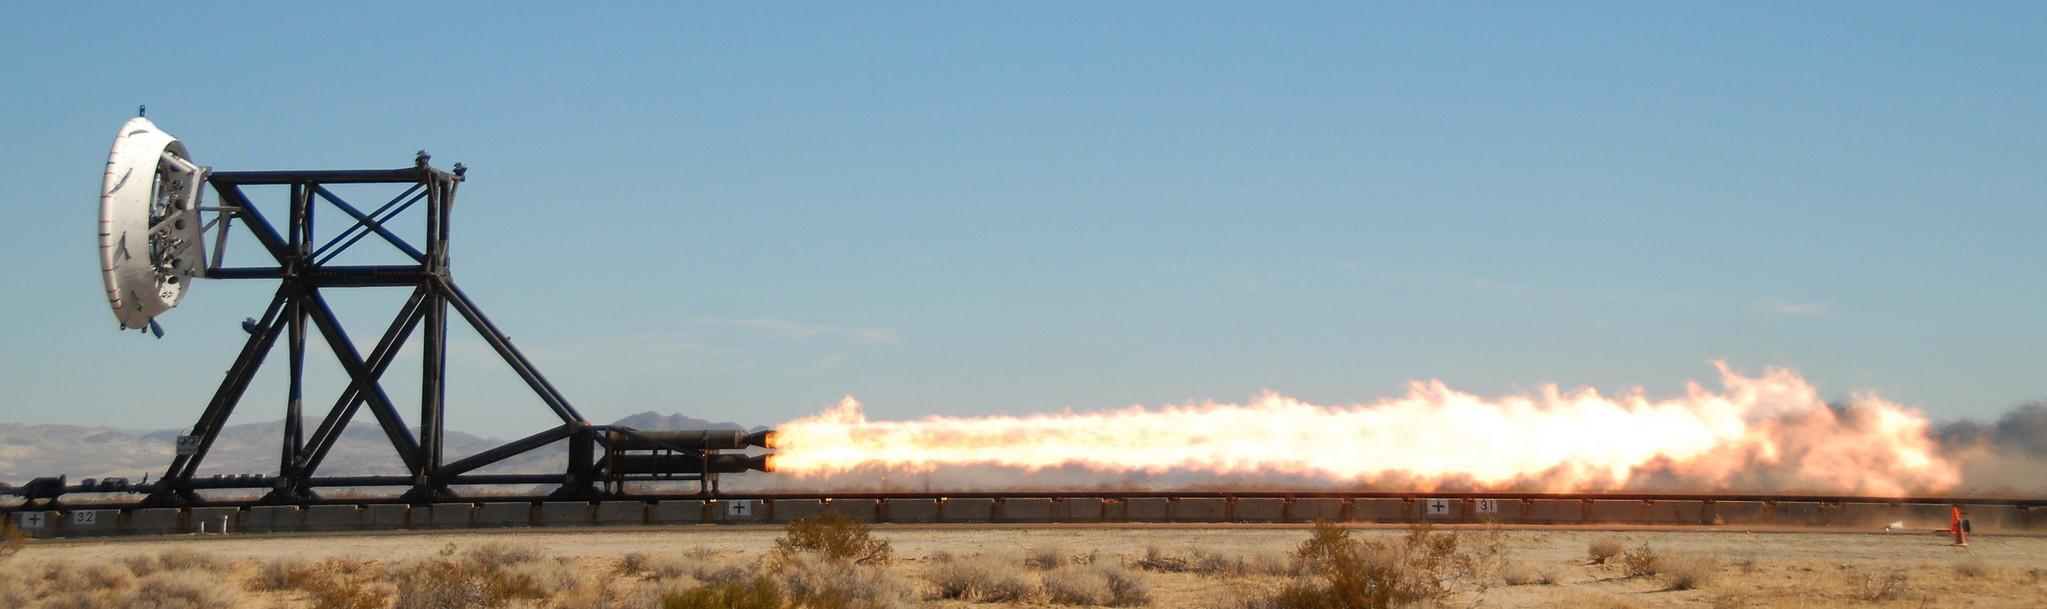 Rocket Sled Tests May Lead to Mars (NASA, TDM, 6/7/12)